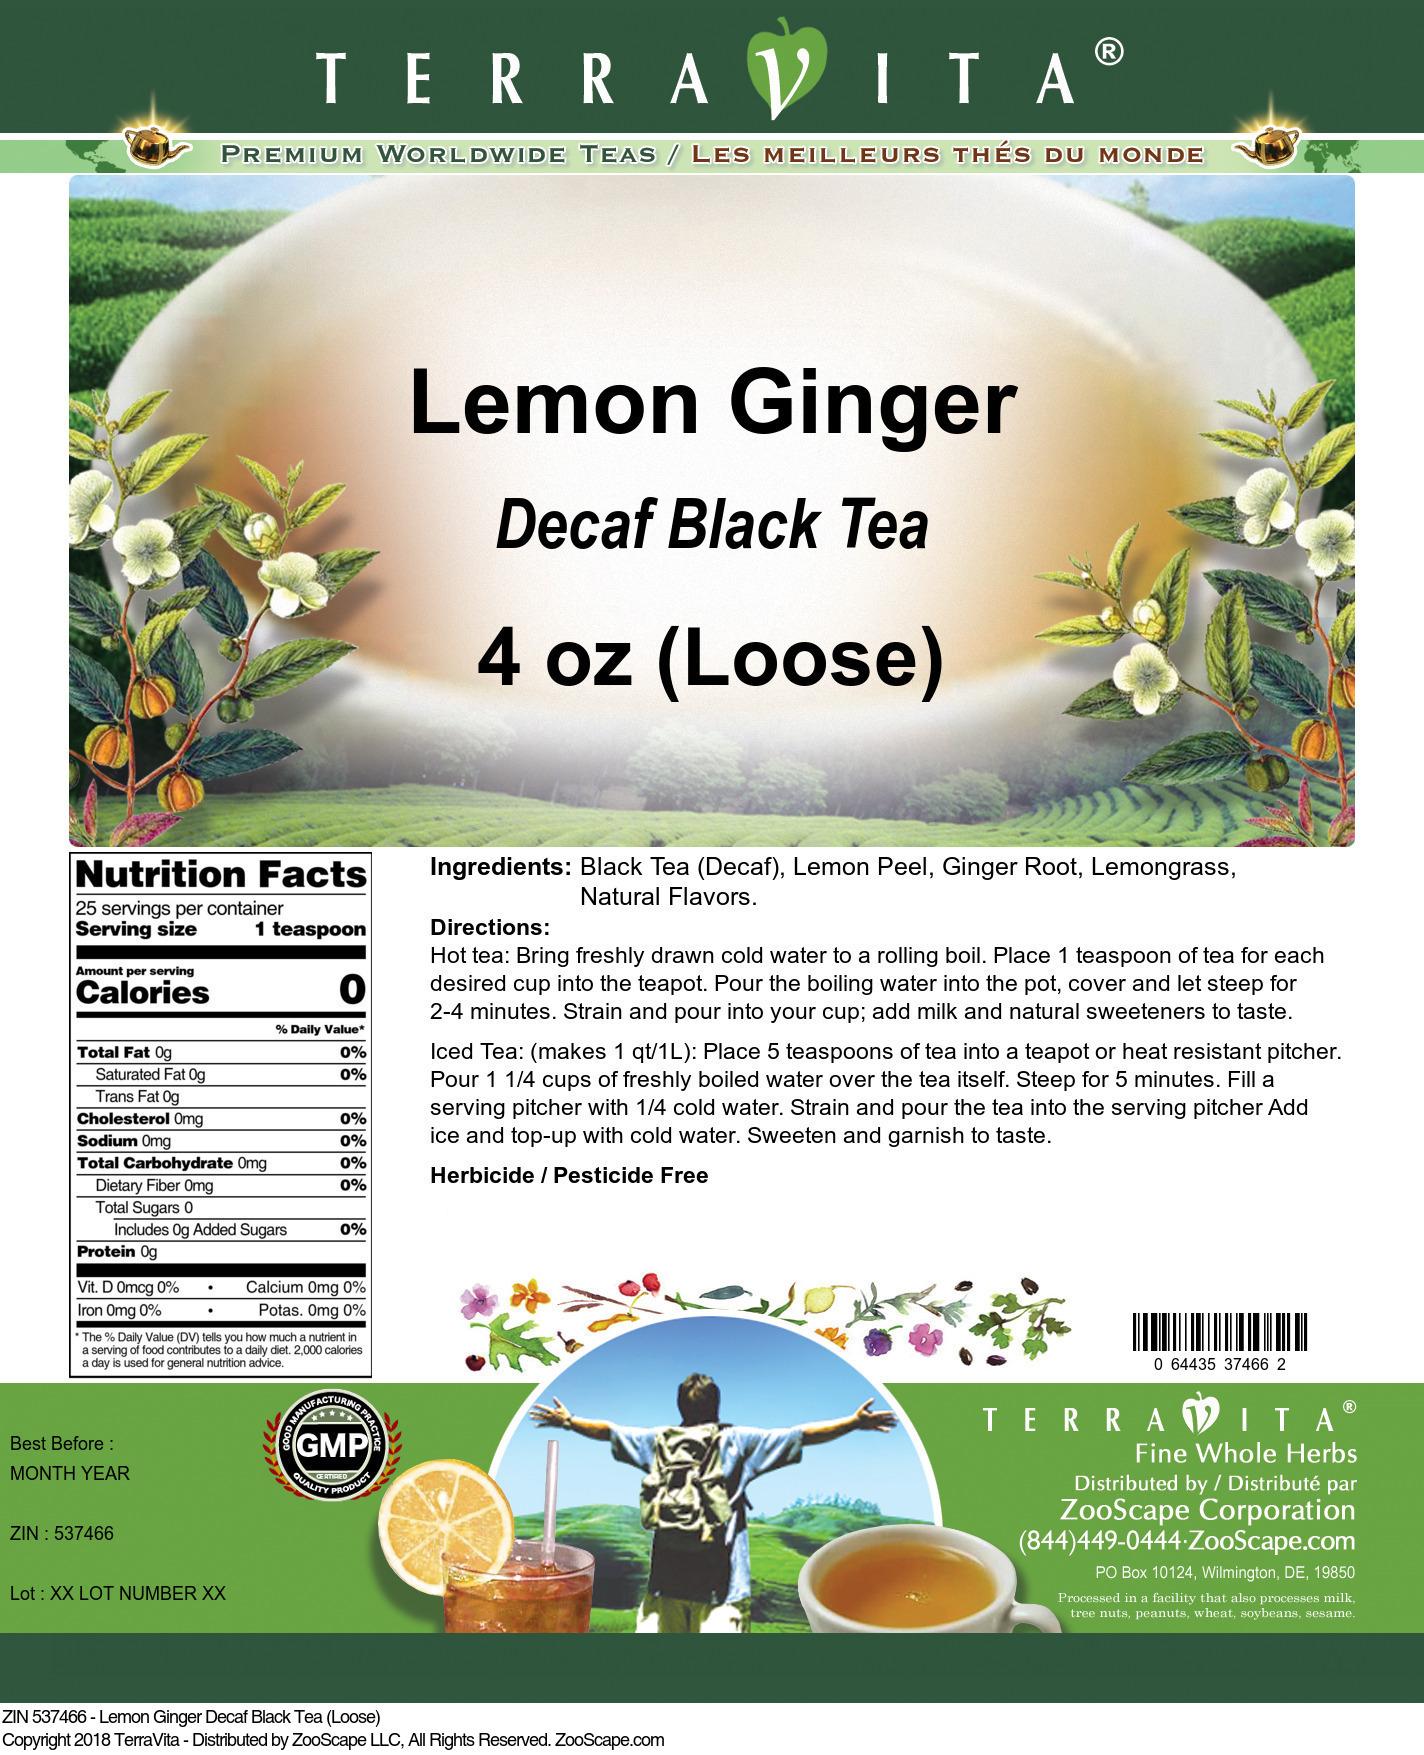 Lemon Ginger Decaf Black Tea (Loose)